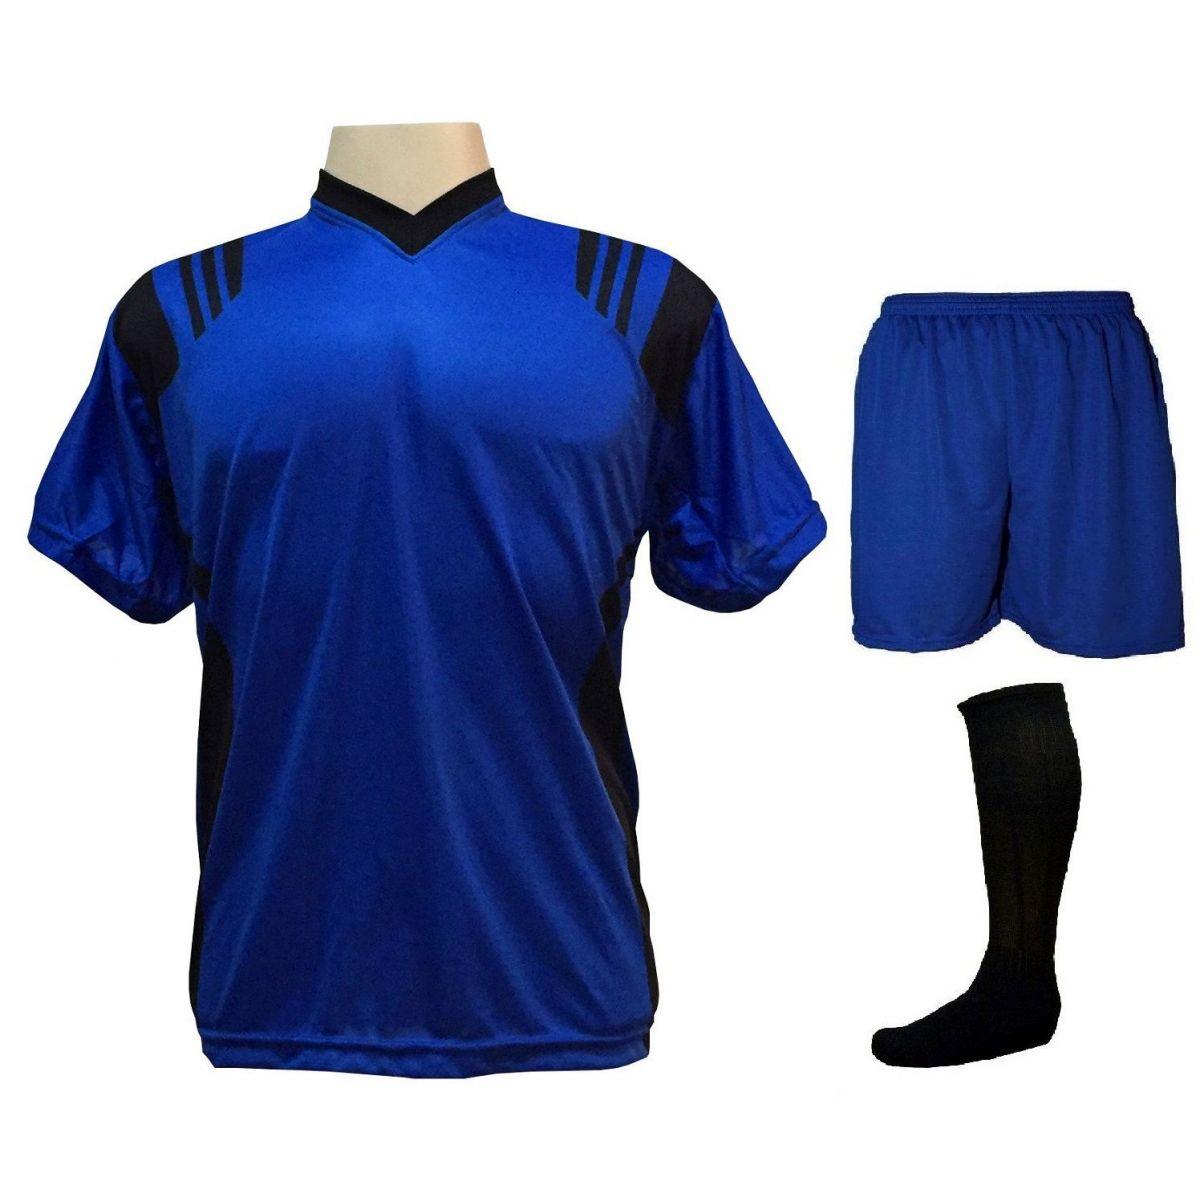 Uniforme Completo Modelo Roma 18+1 (18 Camisas Royal/Preto + 18 Calções Madrid Royal + 18 Pares de Meiões Pretos + 1 Conjunto de Goleiro) + Brindes